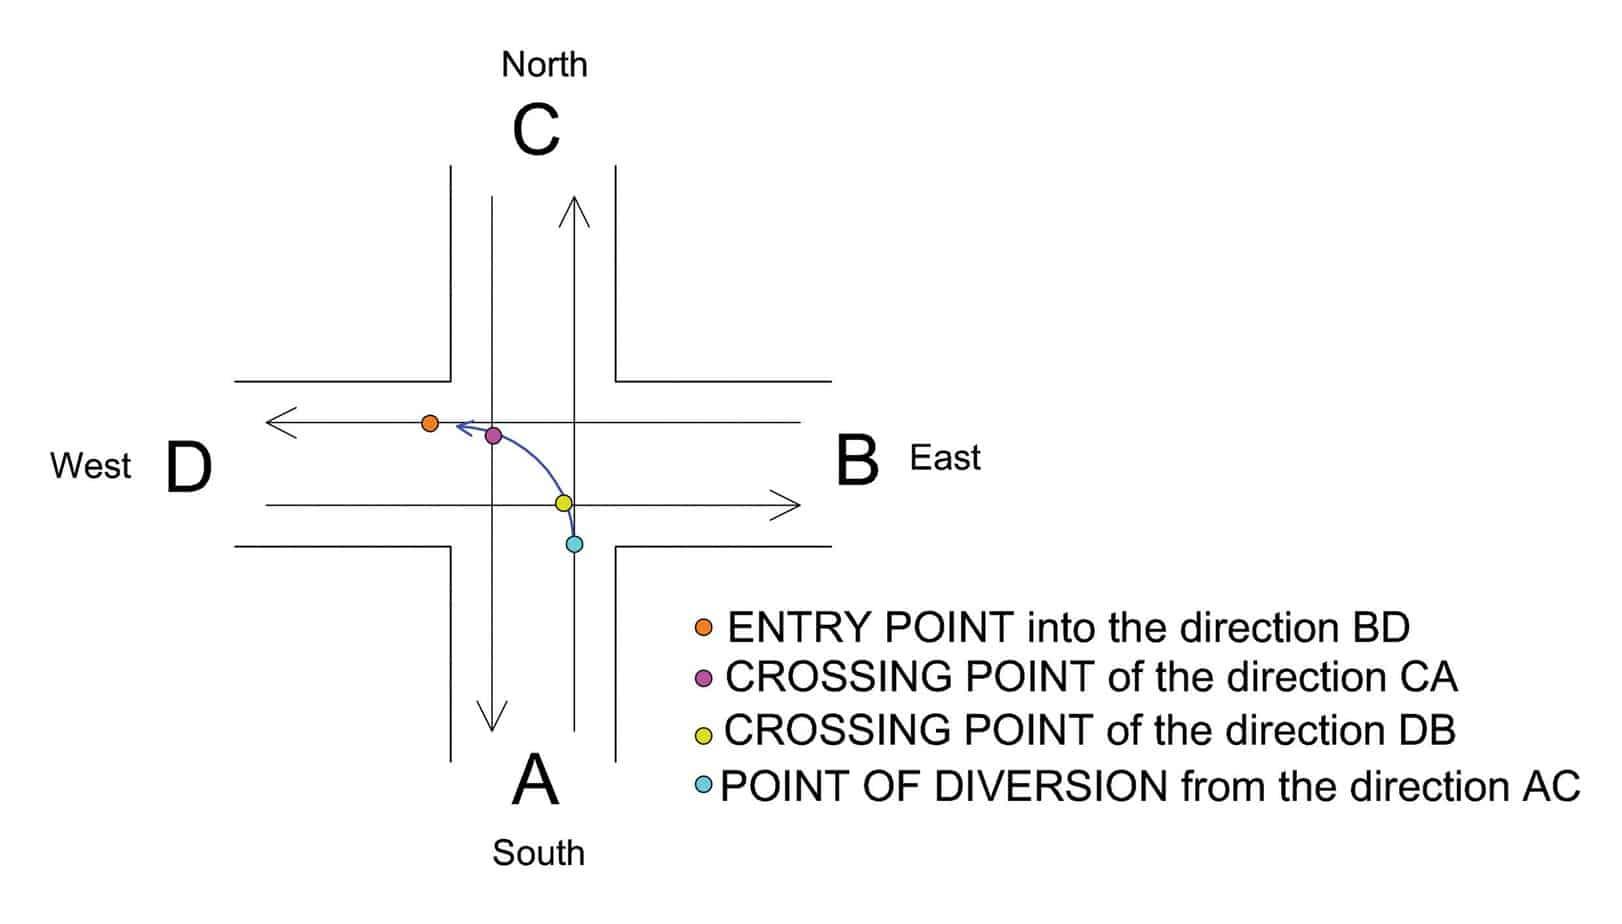 I punti di conflitto nel caso della svolta a sinistra, considerando i veicoli che effettuano la manovra dal ramo A